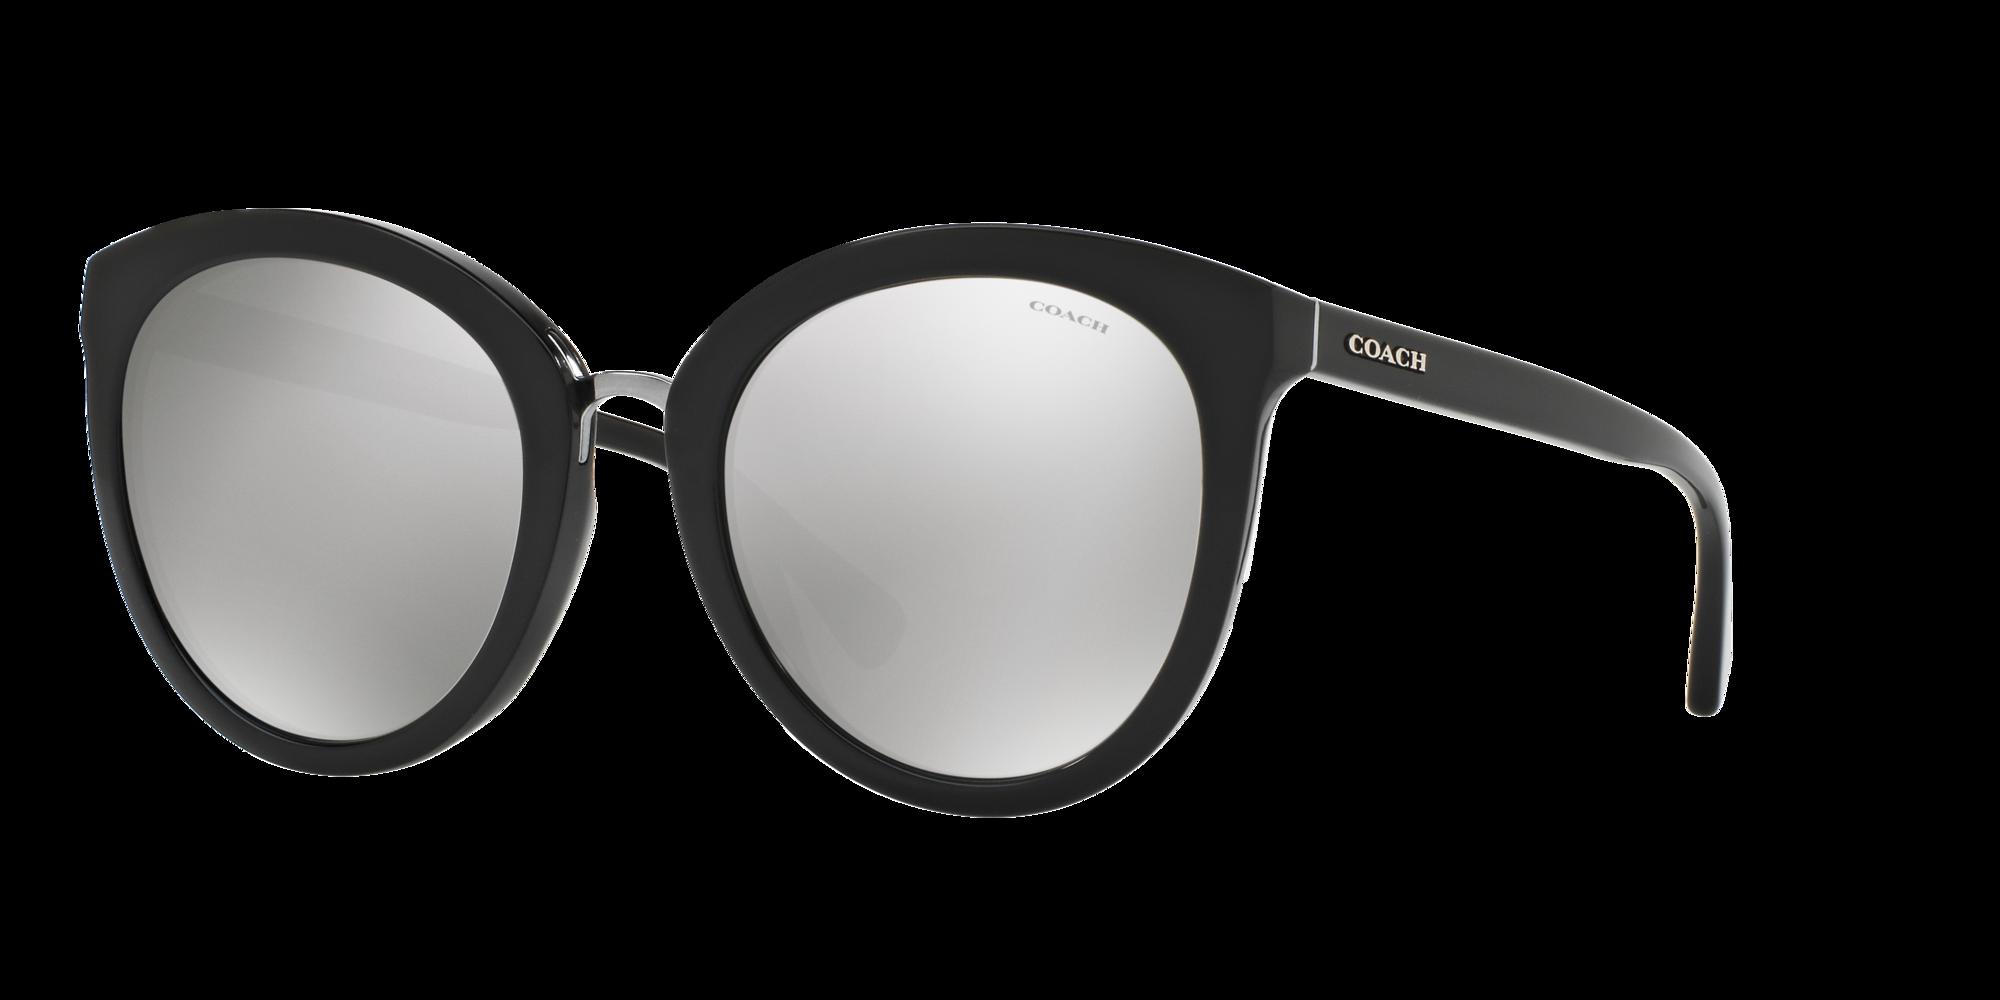 Coach Unisex  HC8199D -  Frame color: Noir, Lens color: Argent, Size 56-22/150